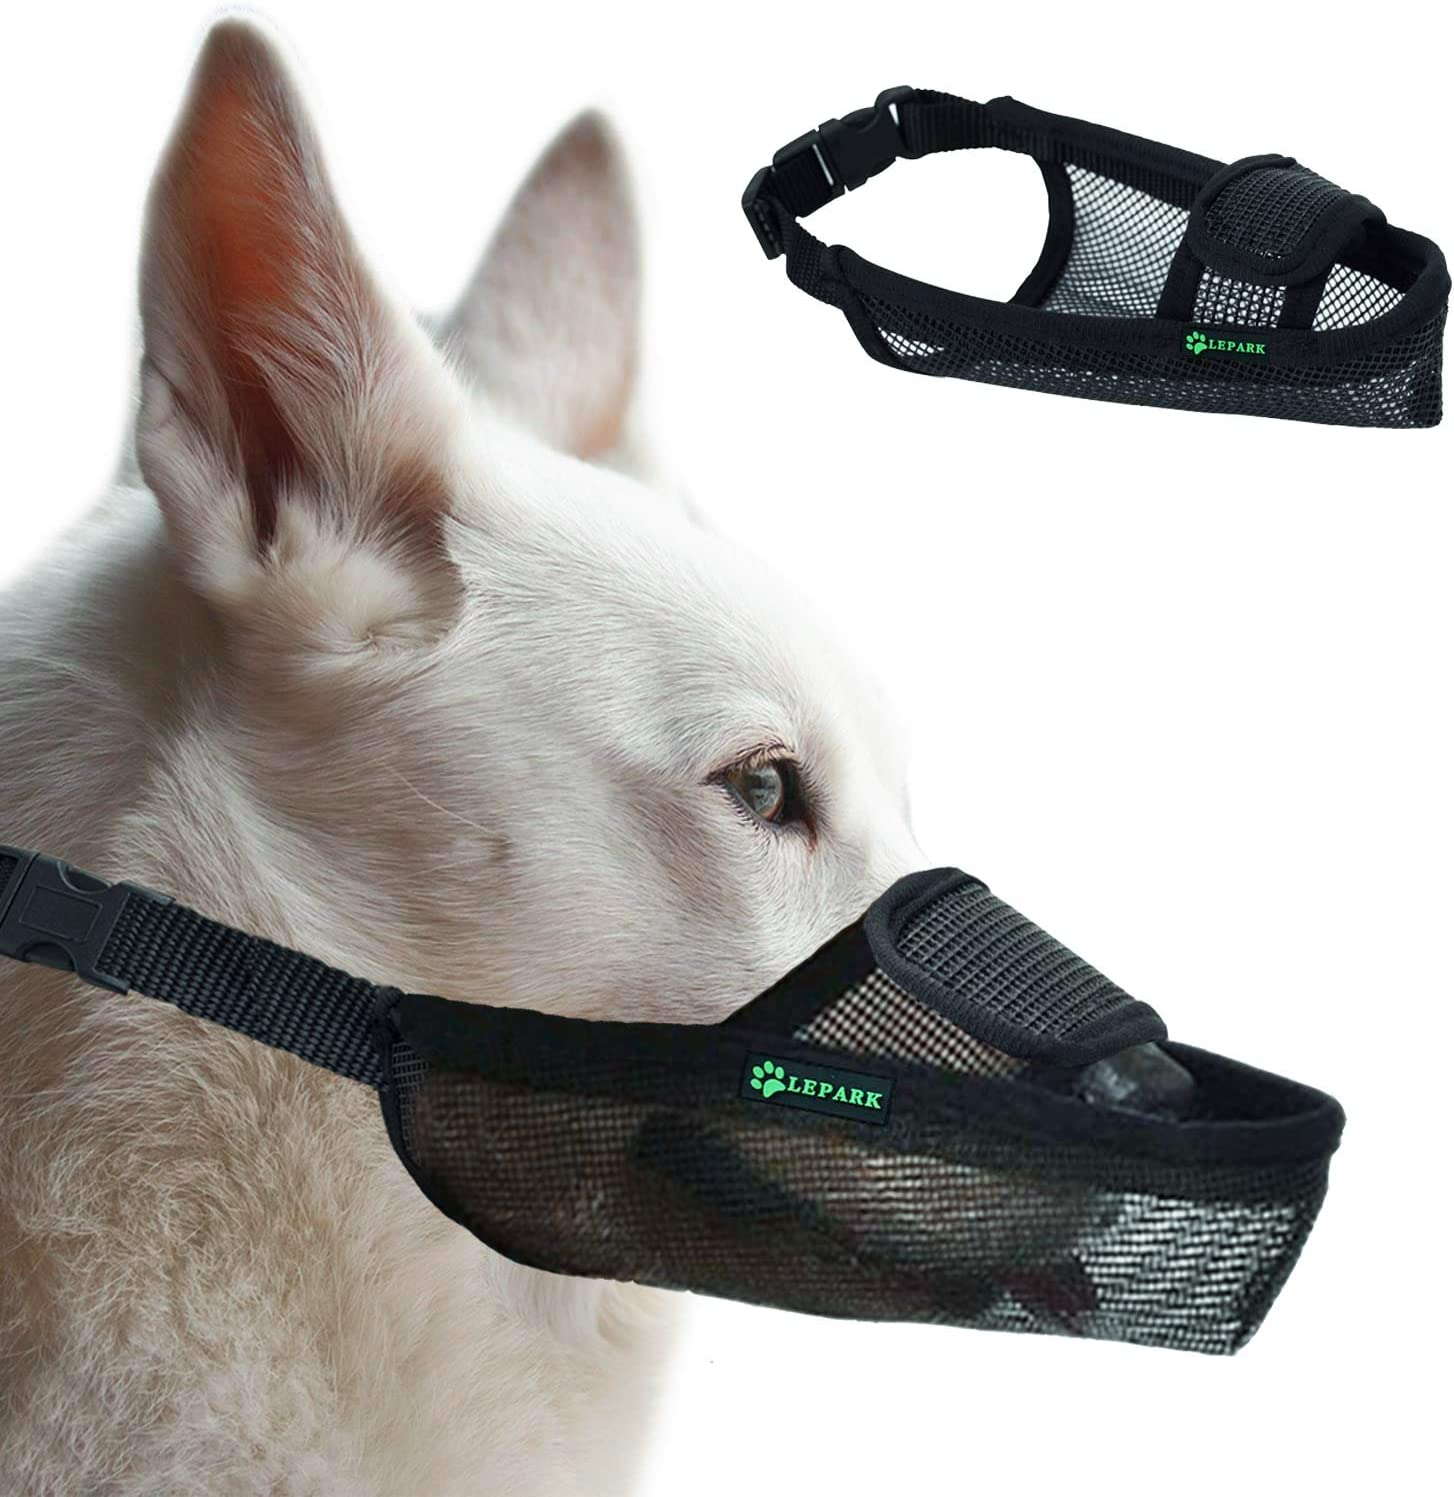 ILEPARK Bozal para Perros De Malla con Velcro para Perros Pequeños, Medianos Y Grandes, Transpirable Y Ajustable, Evitar Morder. (XS, Negro)